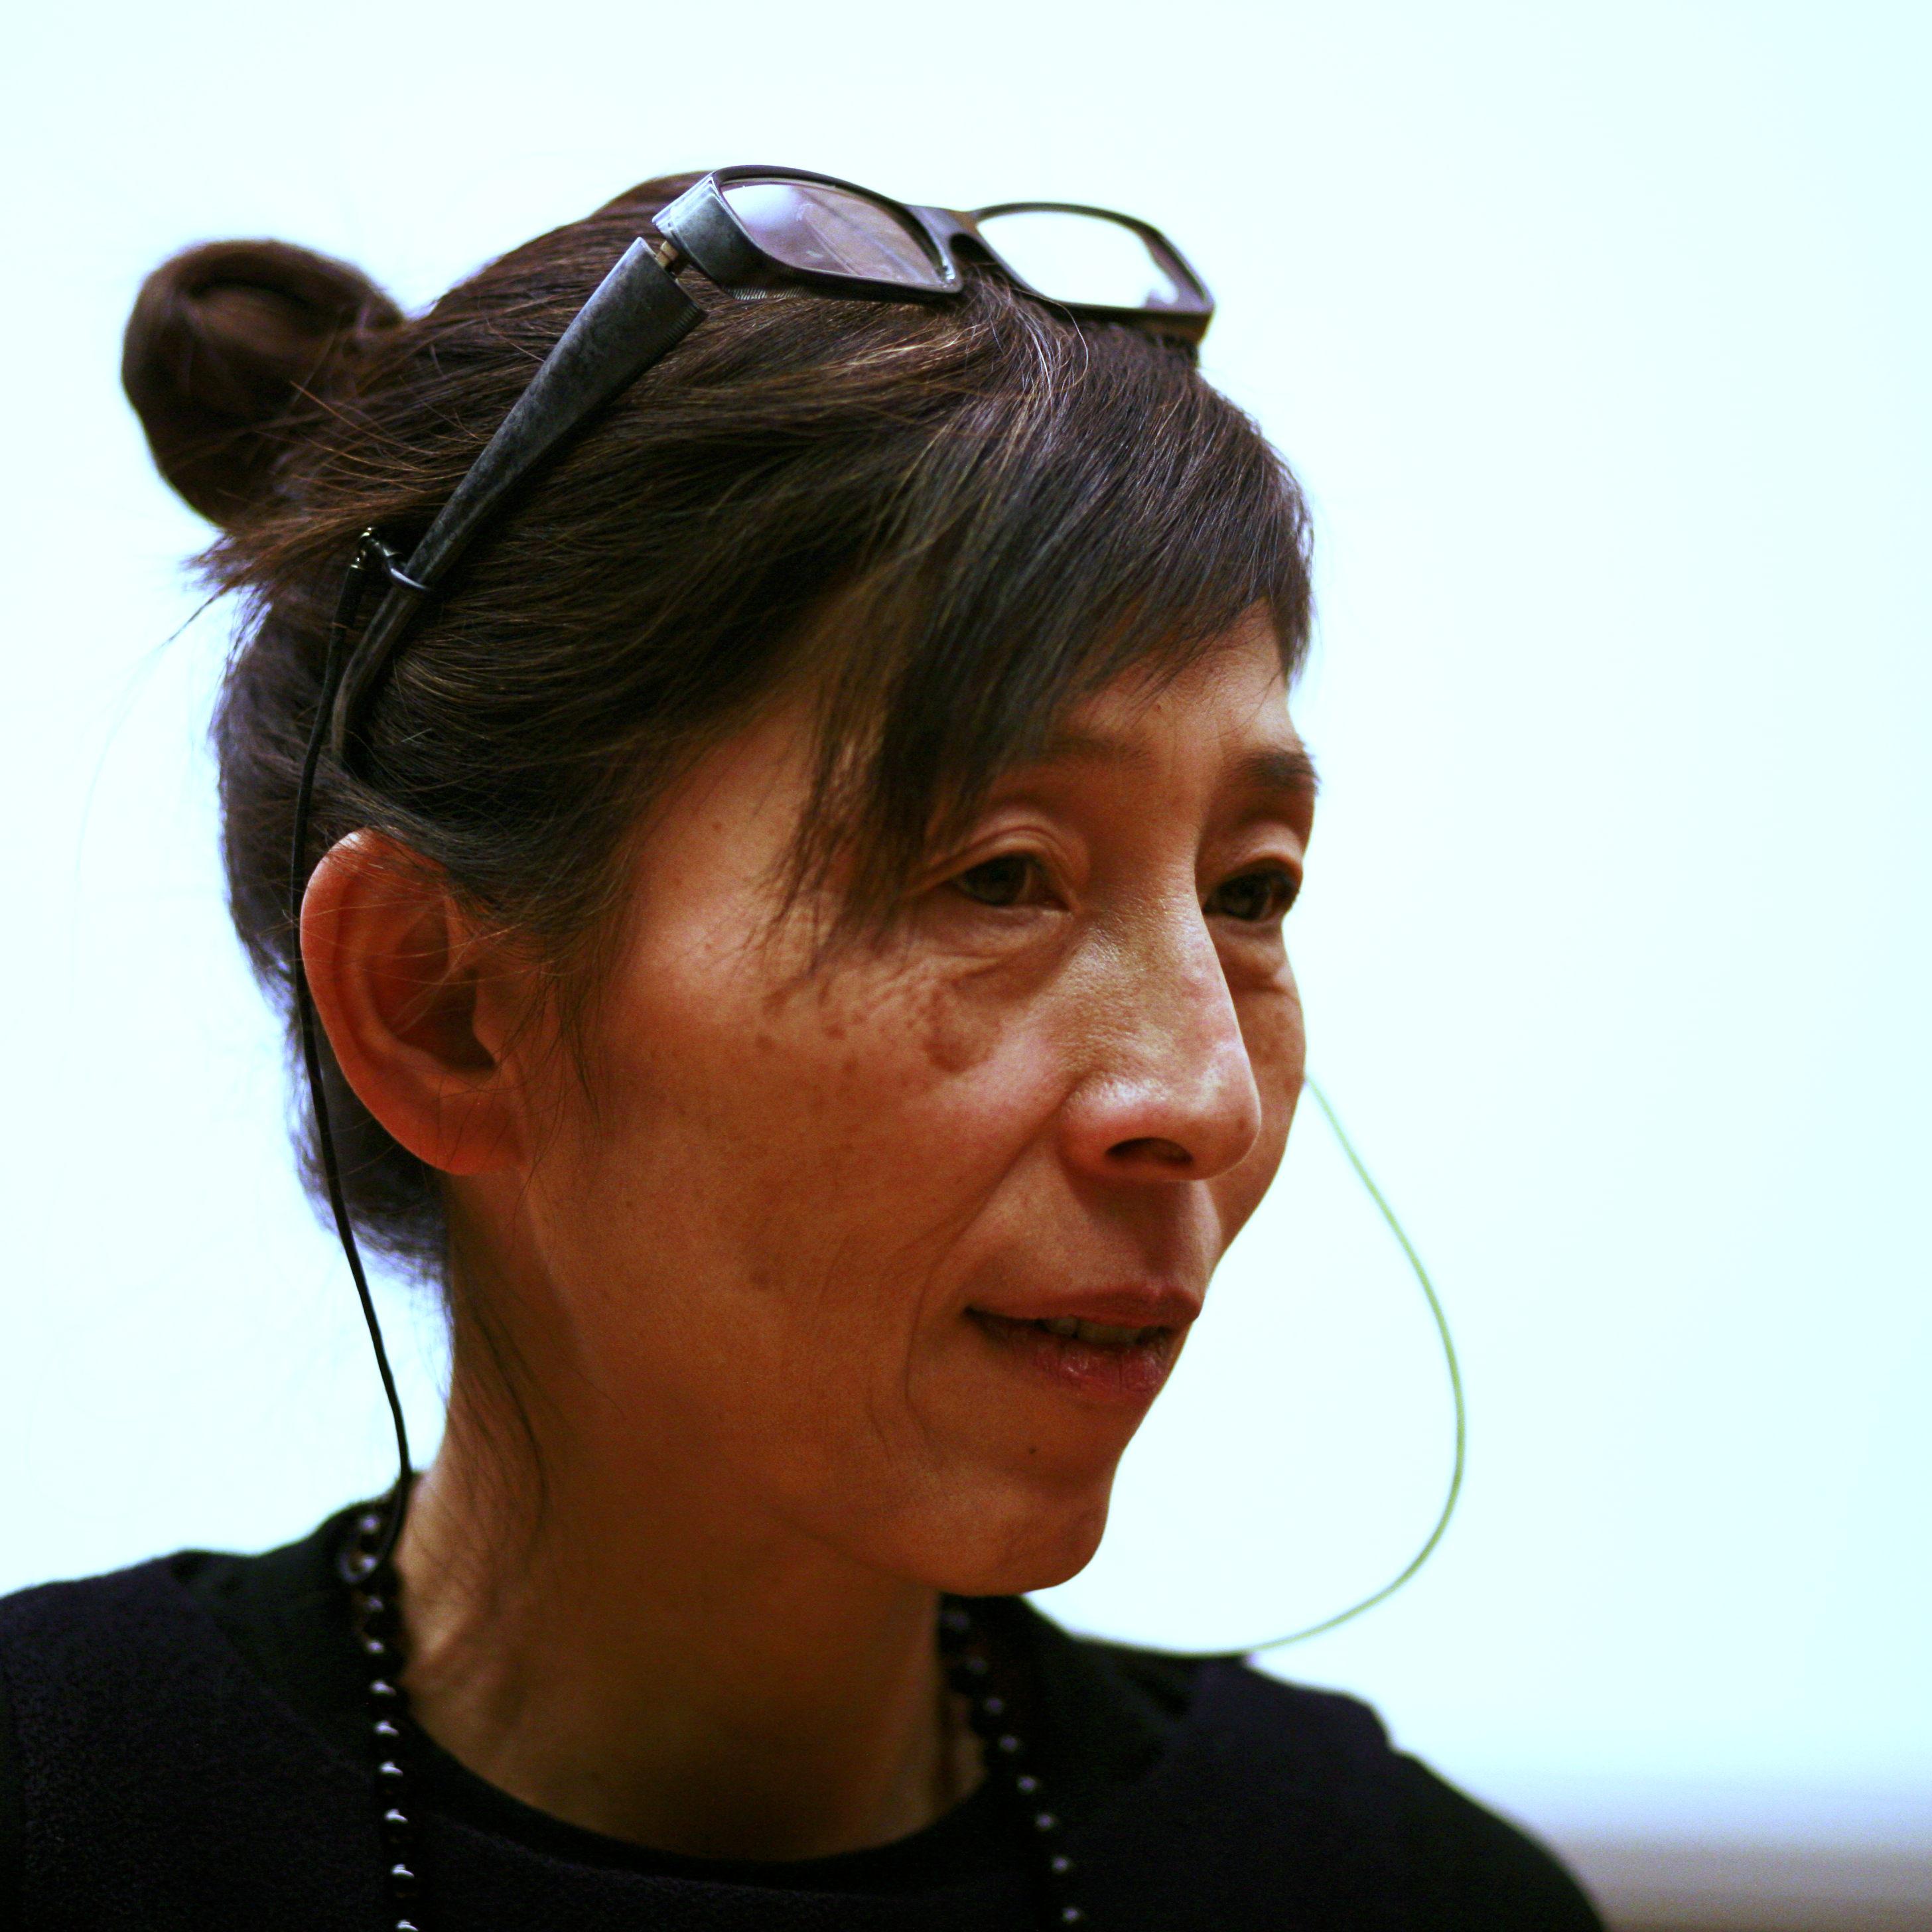 Fichier:Kazuyo Sejima mg 5000.jpg — Wikipédia